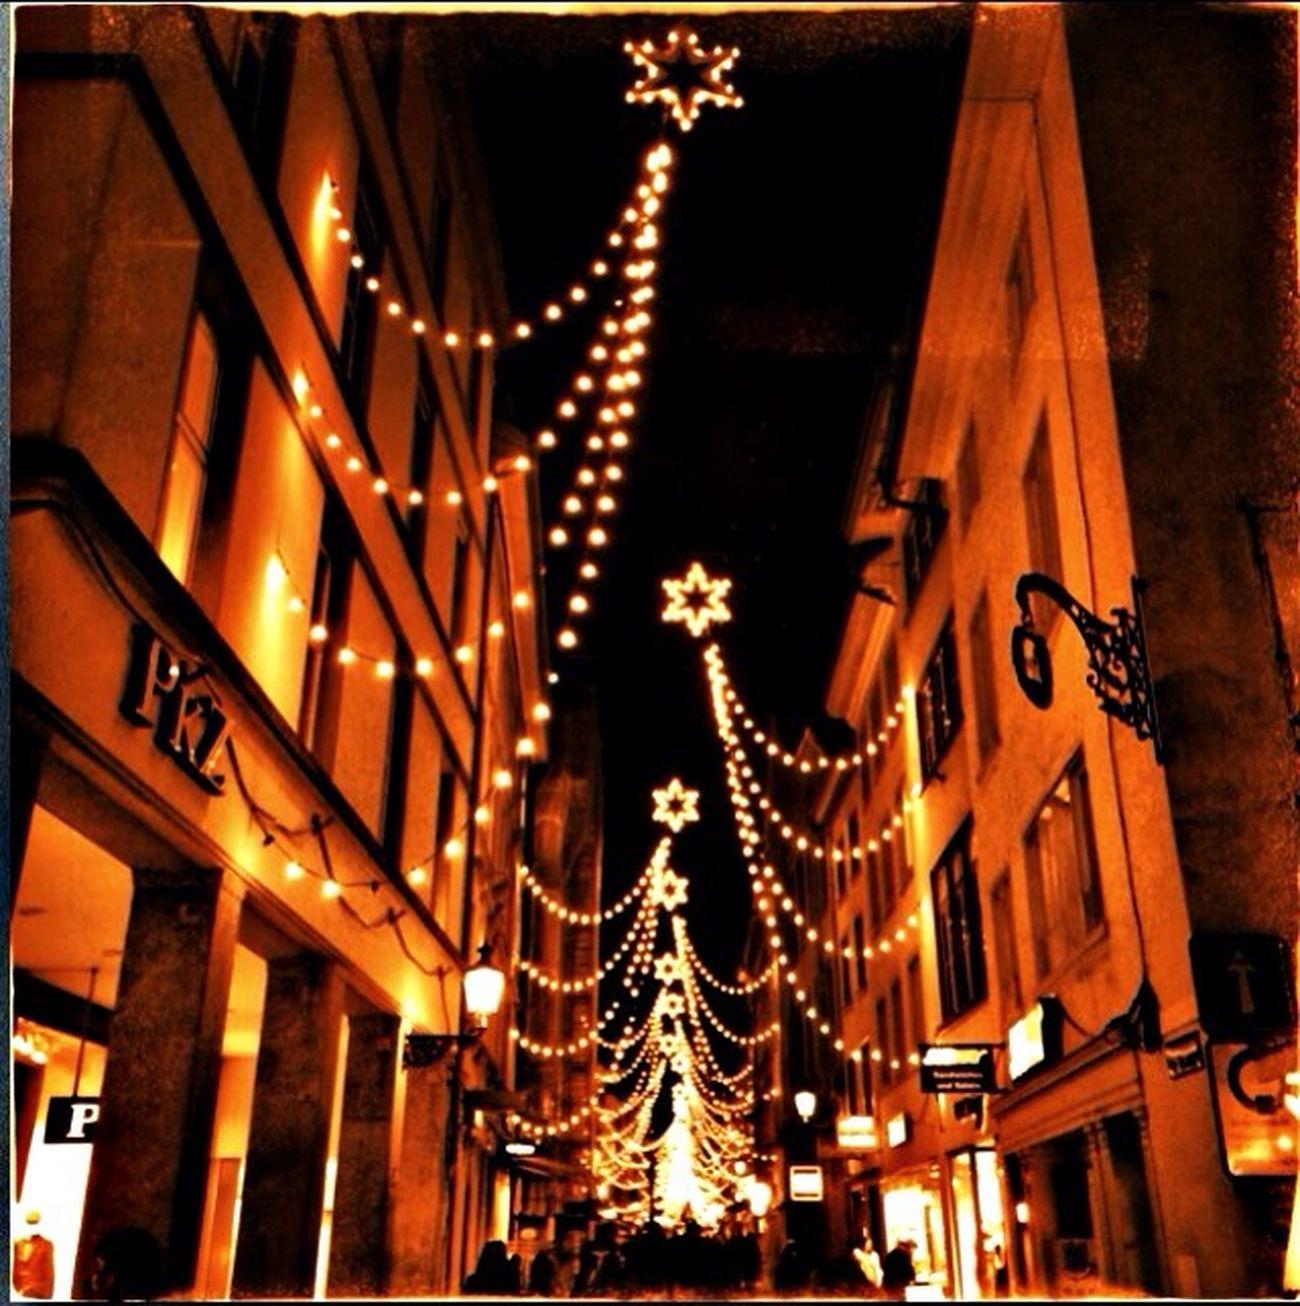 Winterthur Weihnachtsbeleuchtung